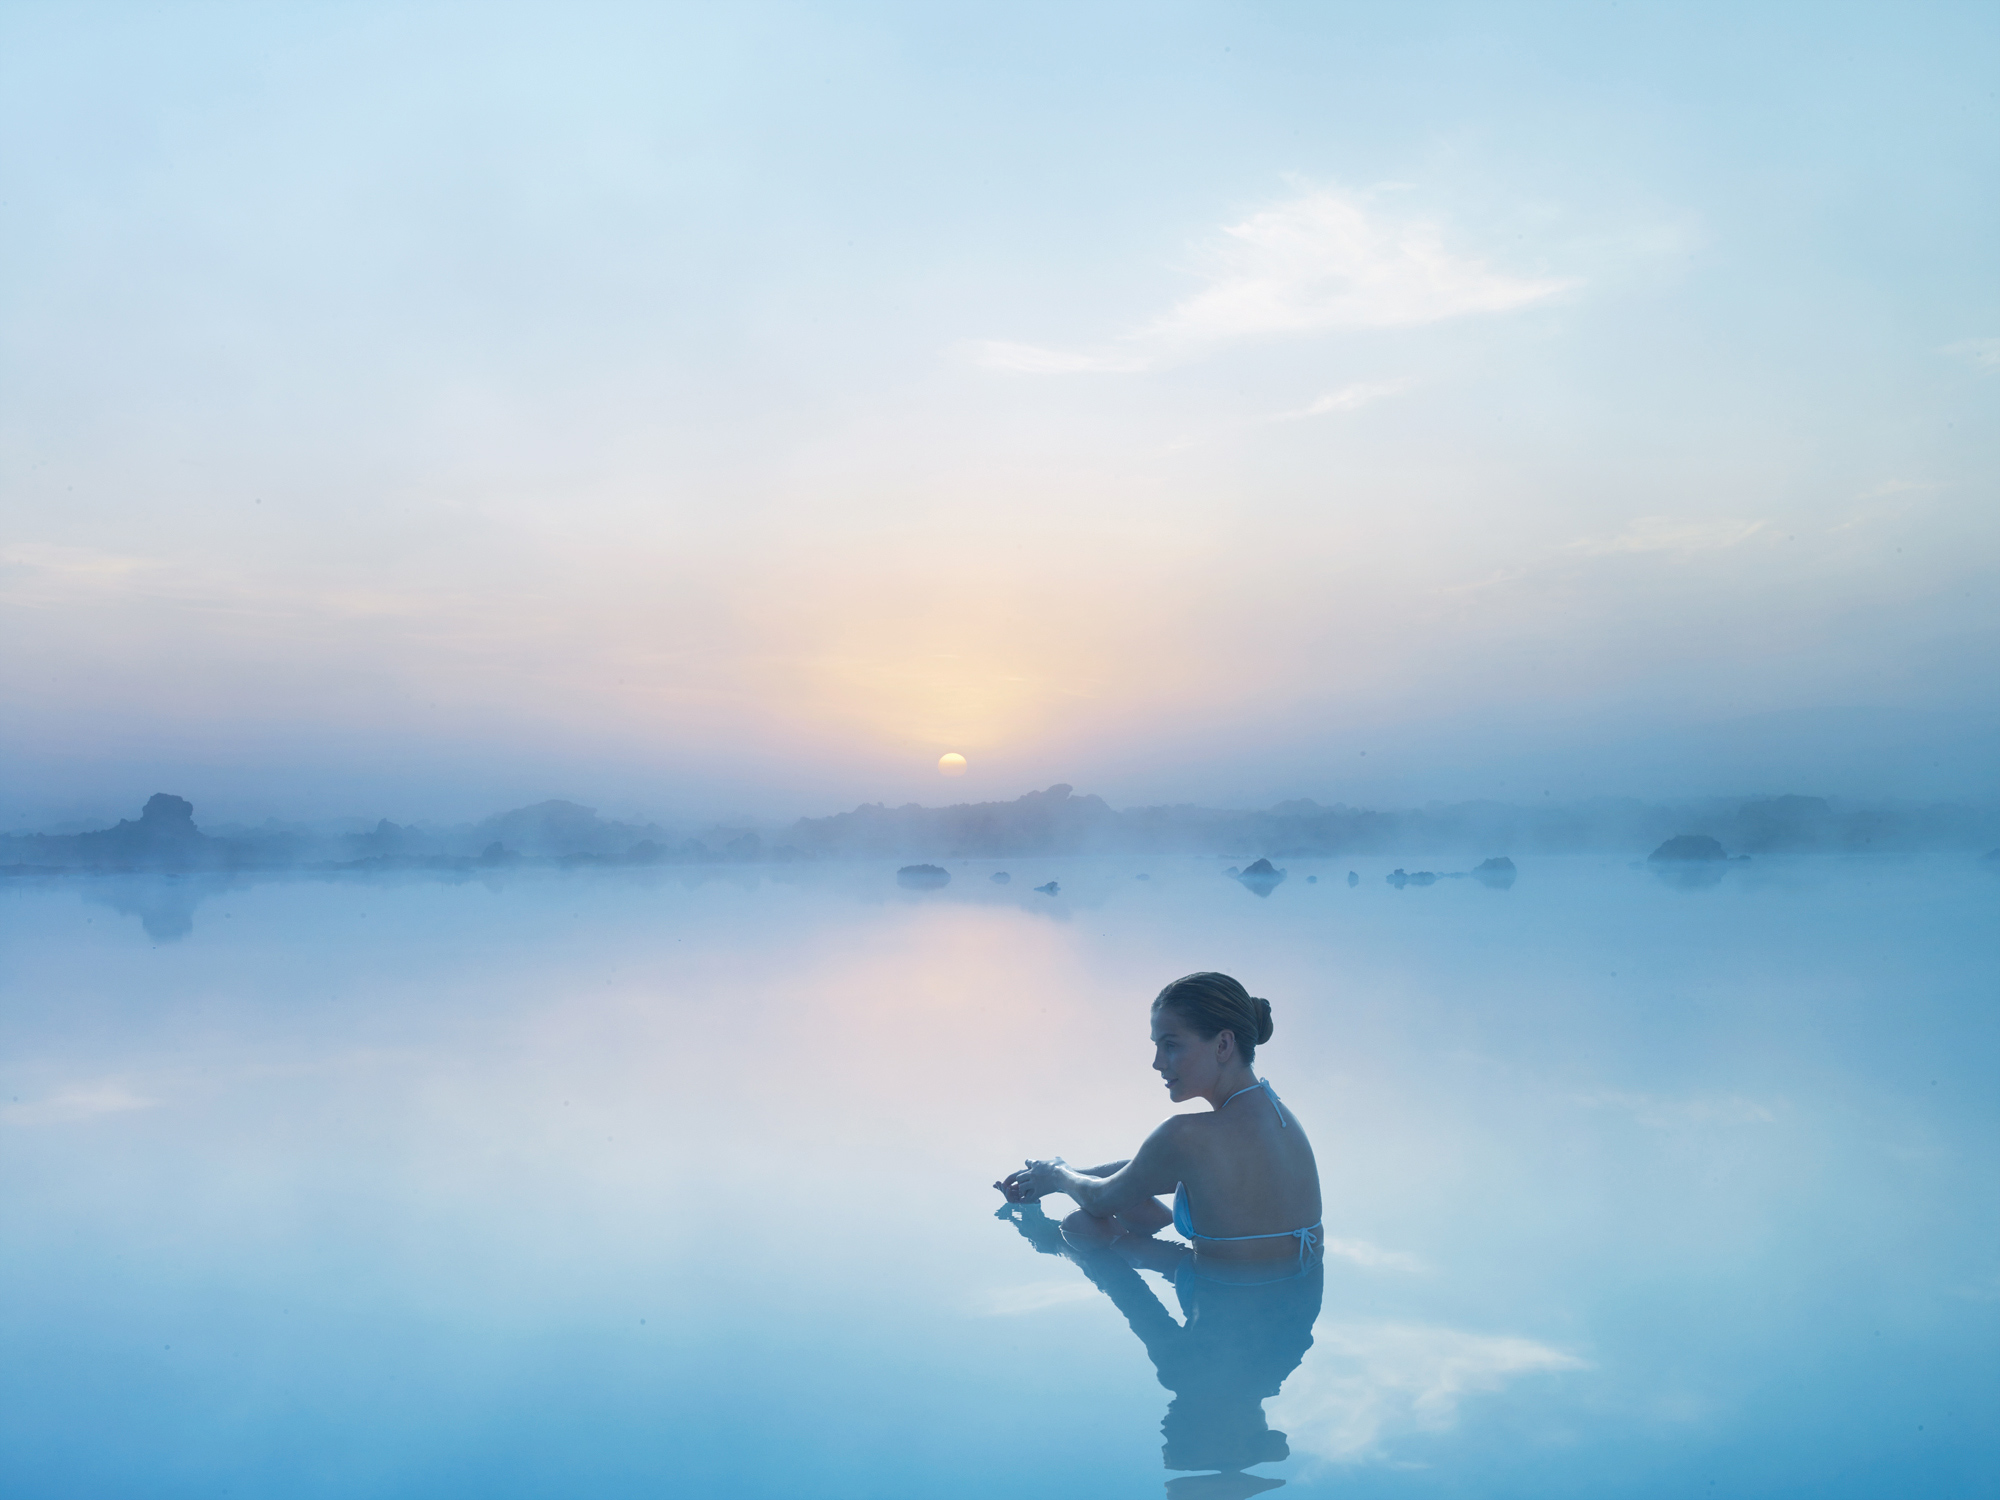 冰岛蓝湖举世闻名,是许多人在冰岛旅行的第一站。